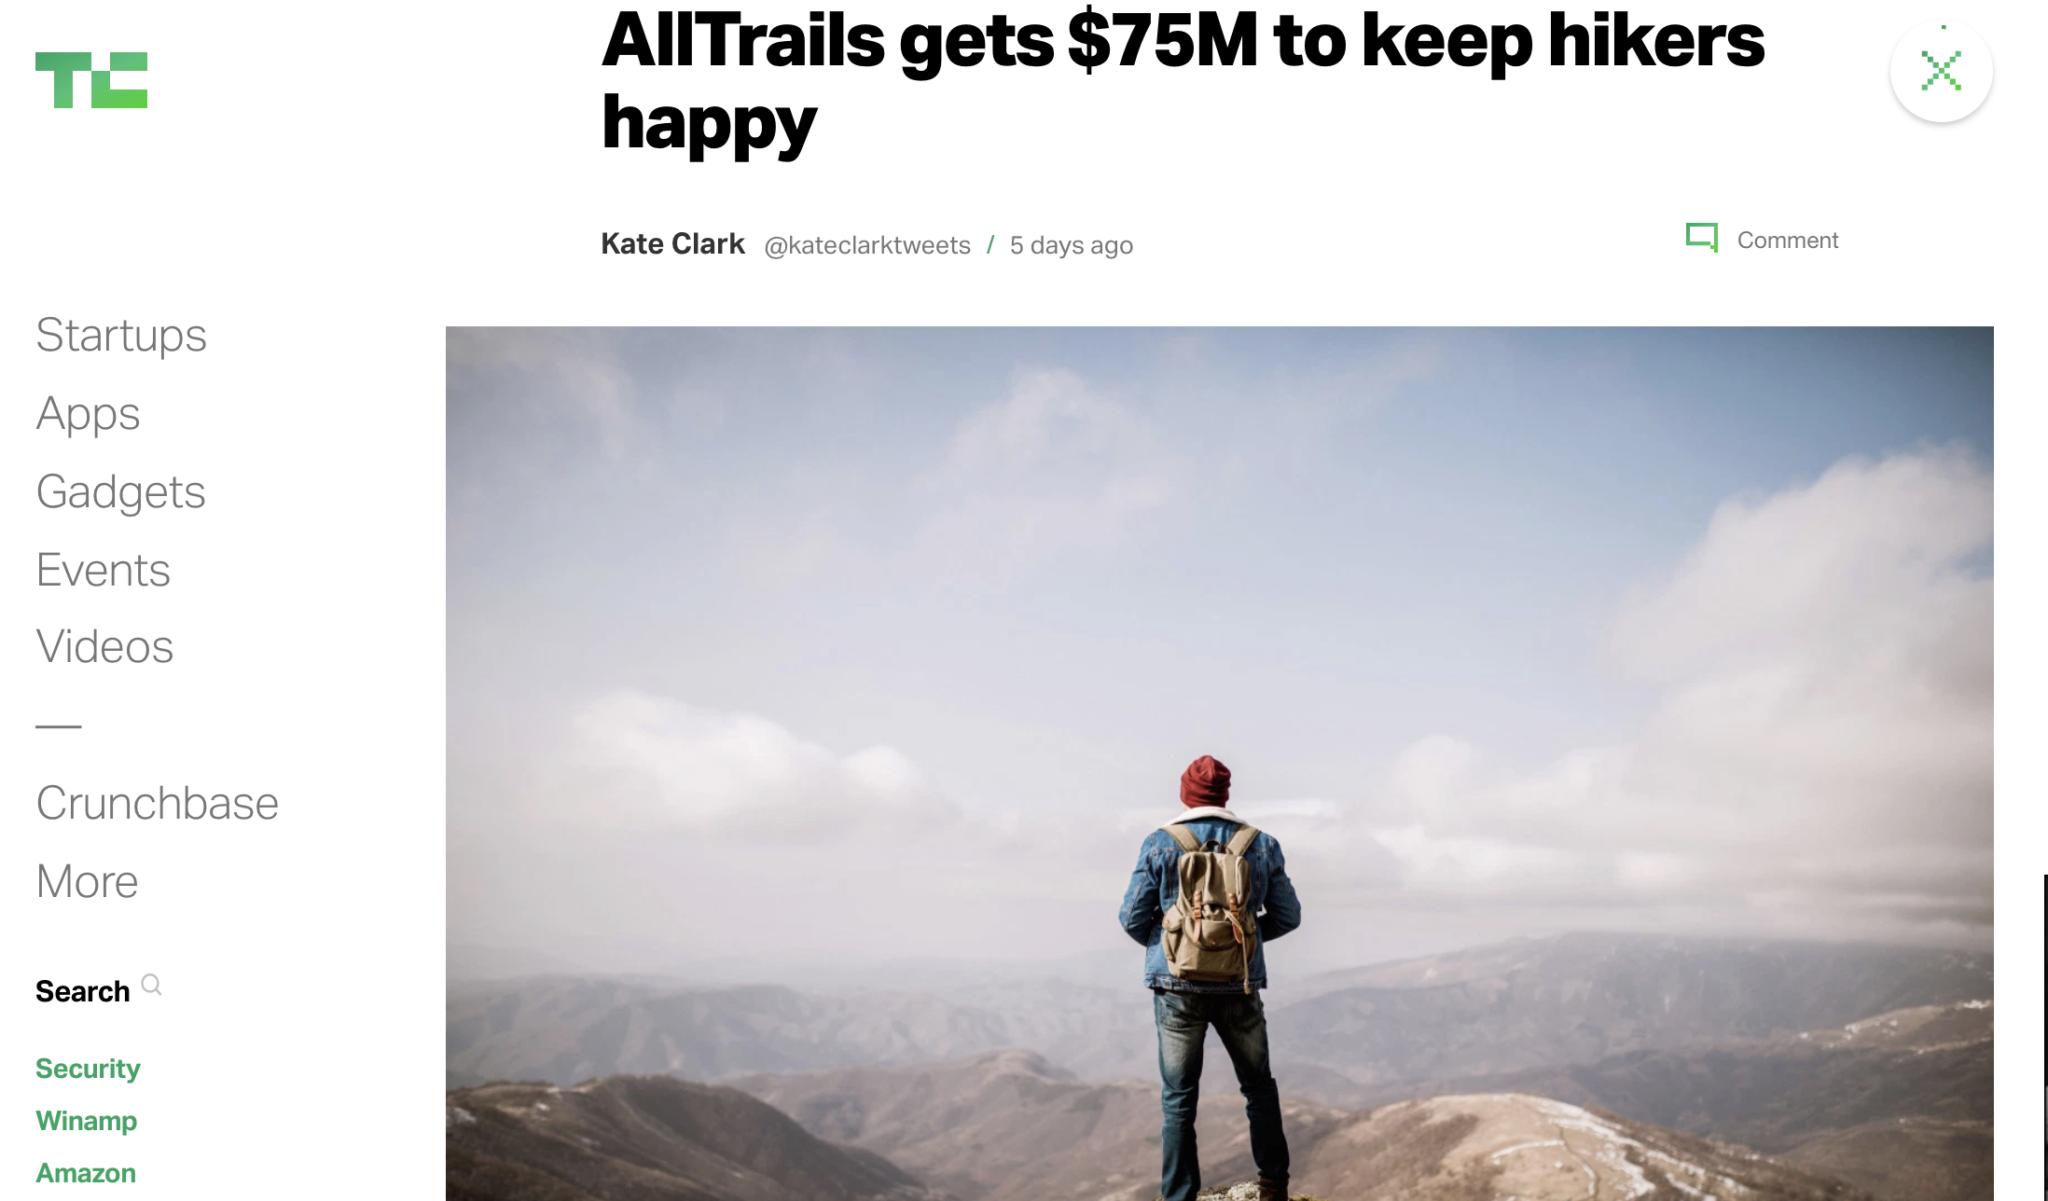 AllTrails, TechCrunch